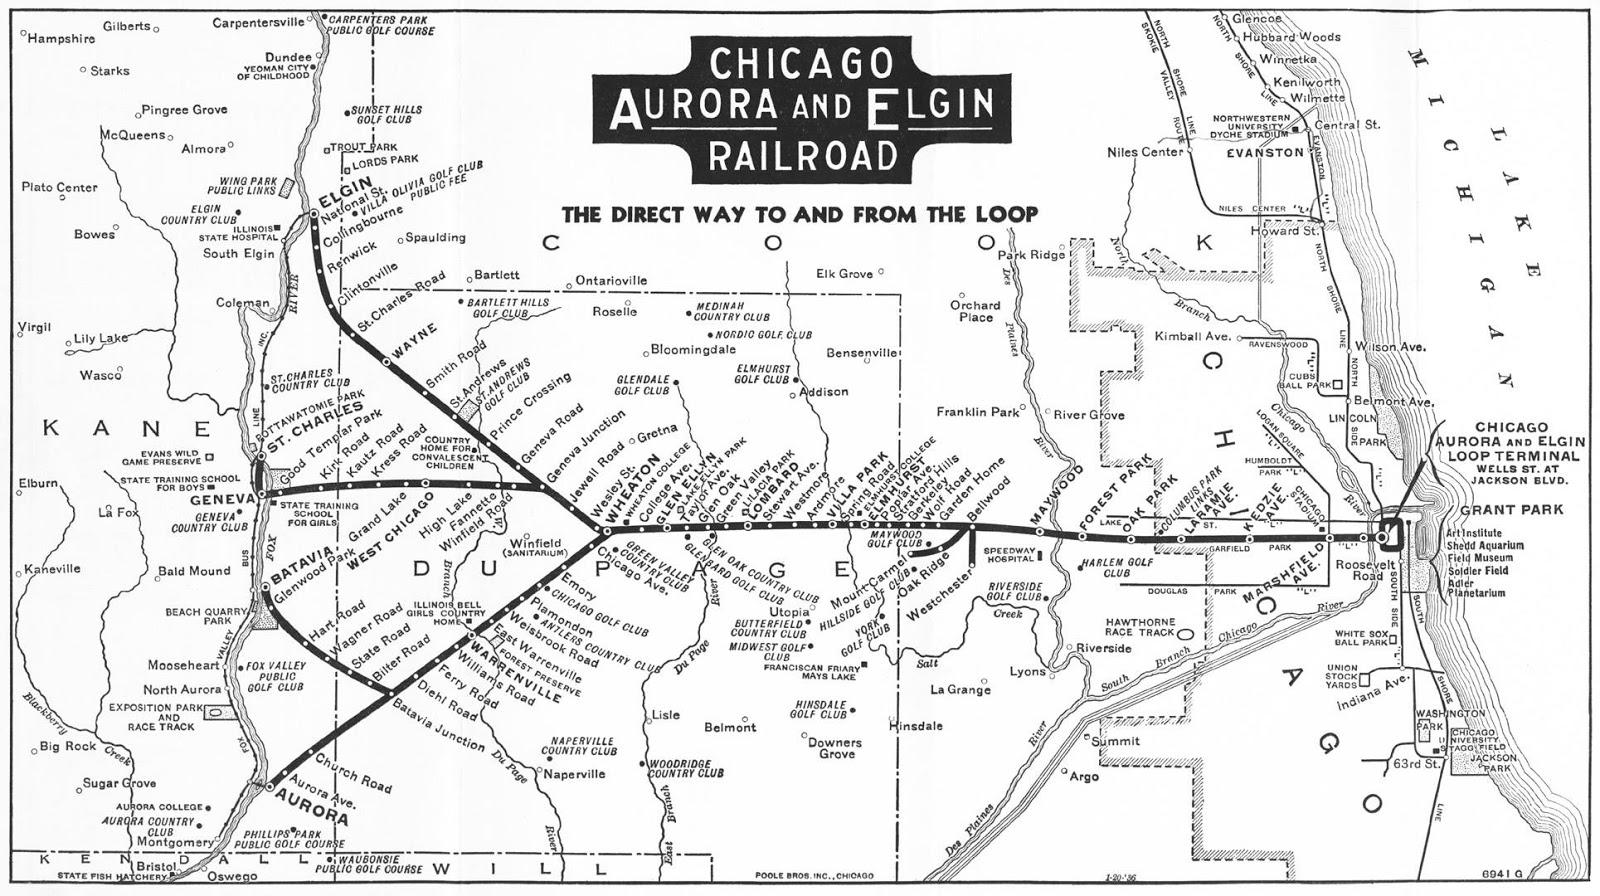 Industrial History: CA&E: Chicago, Aurora & Elgin Railroad